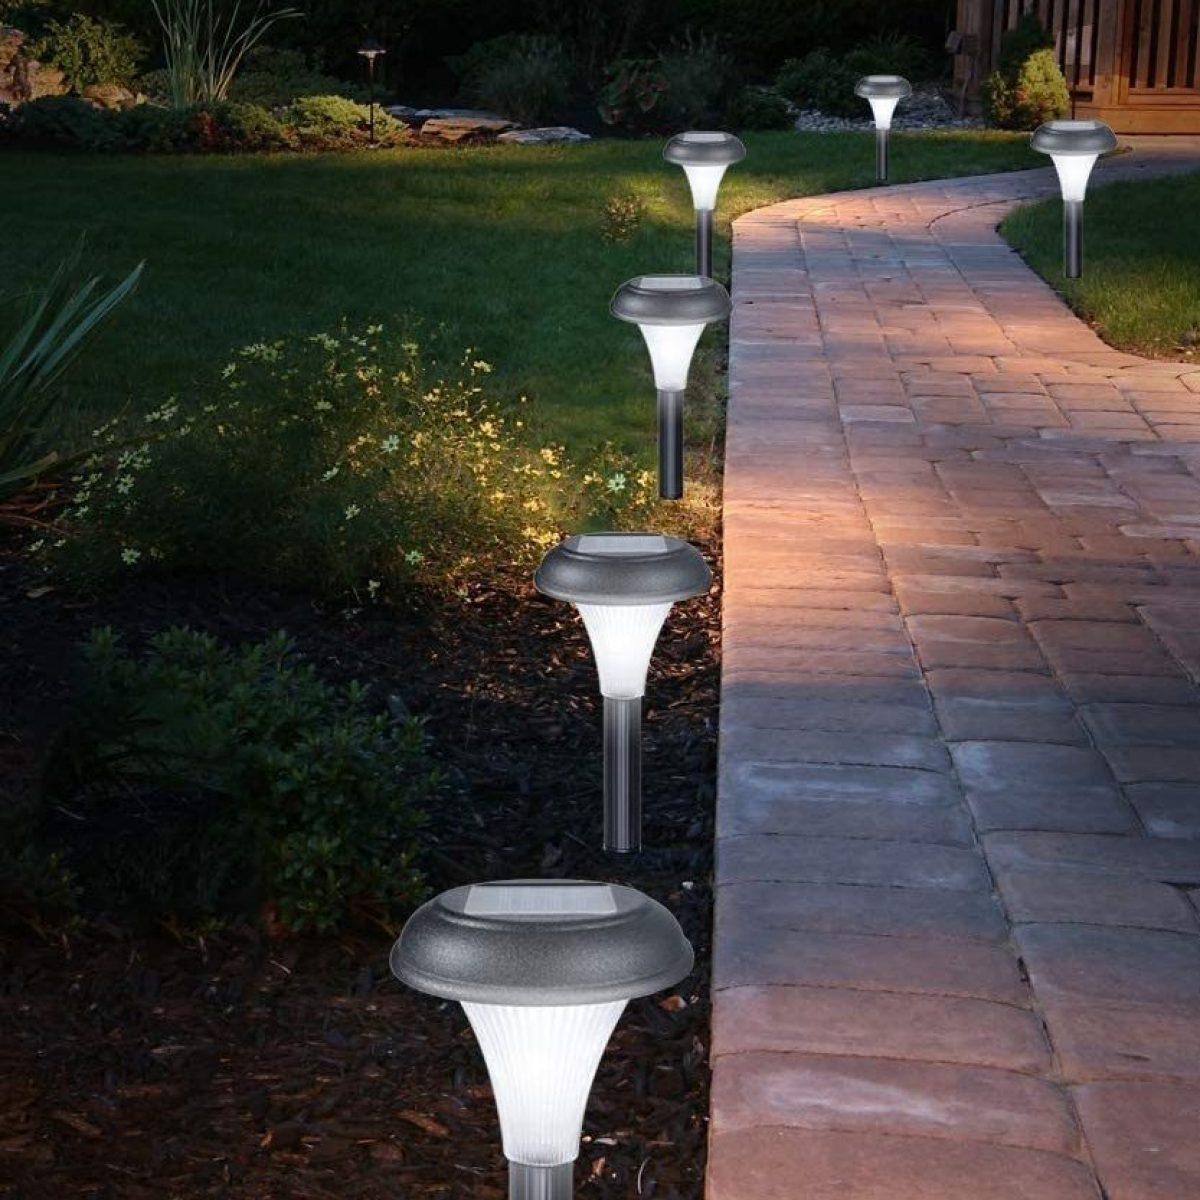 Terra Buona Per Giardino le migliori lampade solari da giardino del 2020